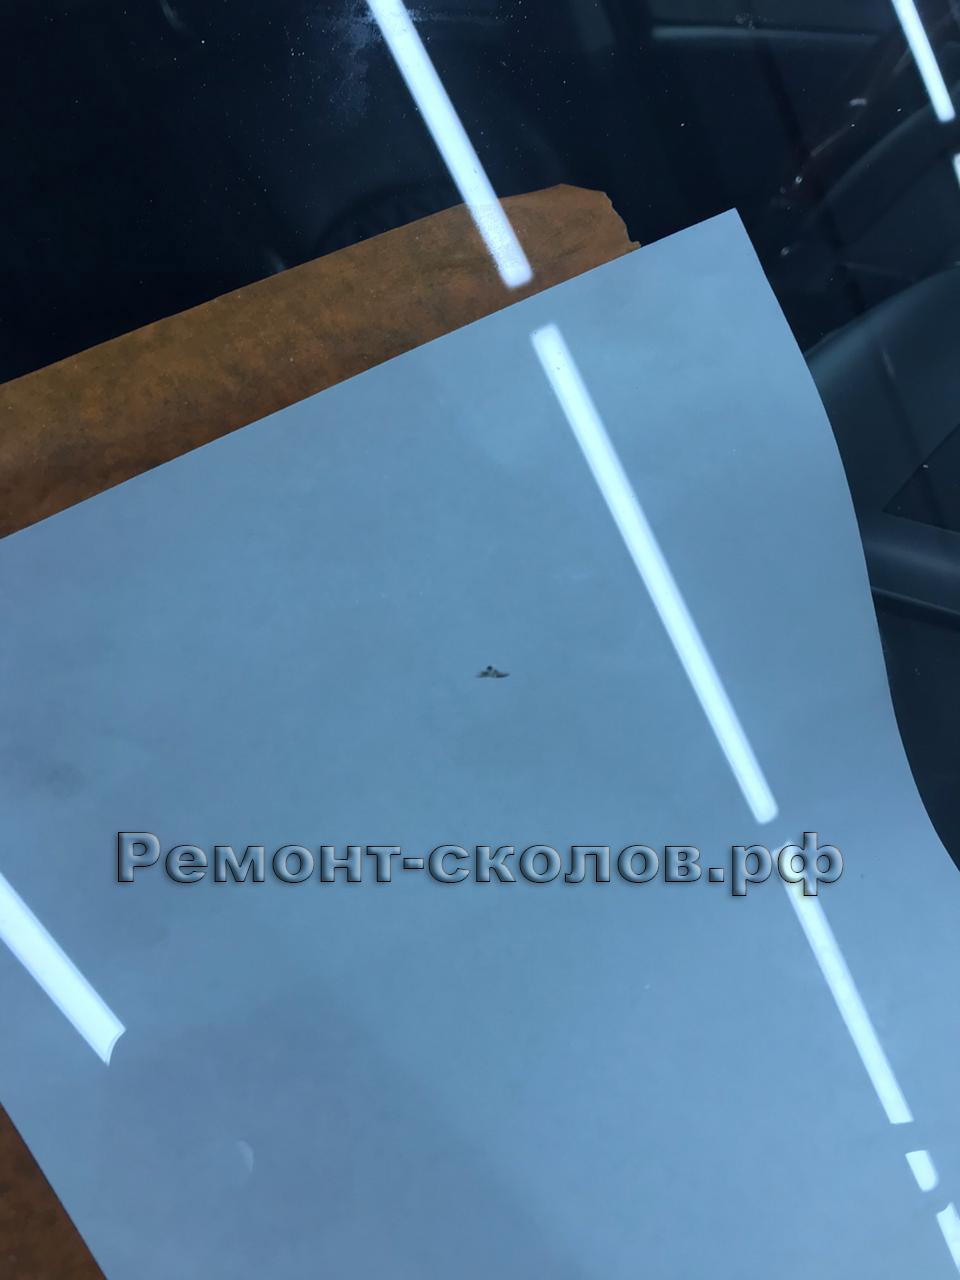 Скол на лобовом стекле KIA в ЮЗАО